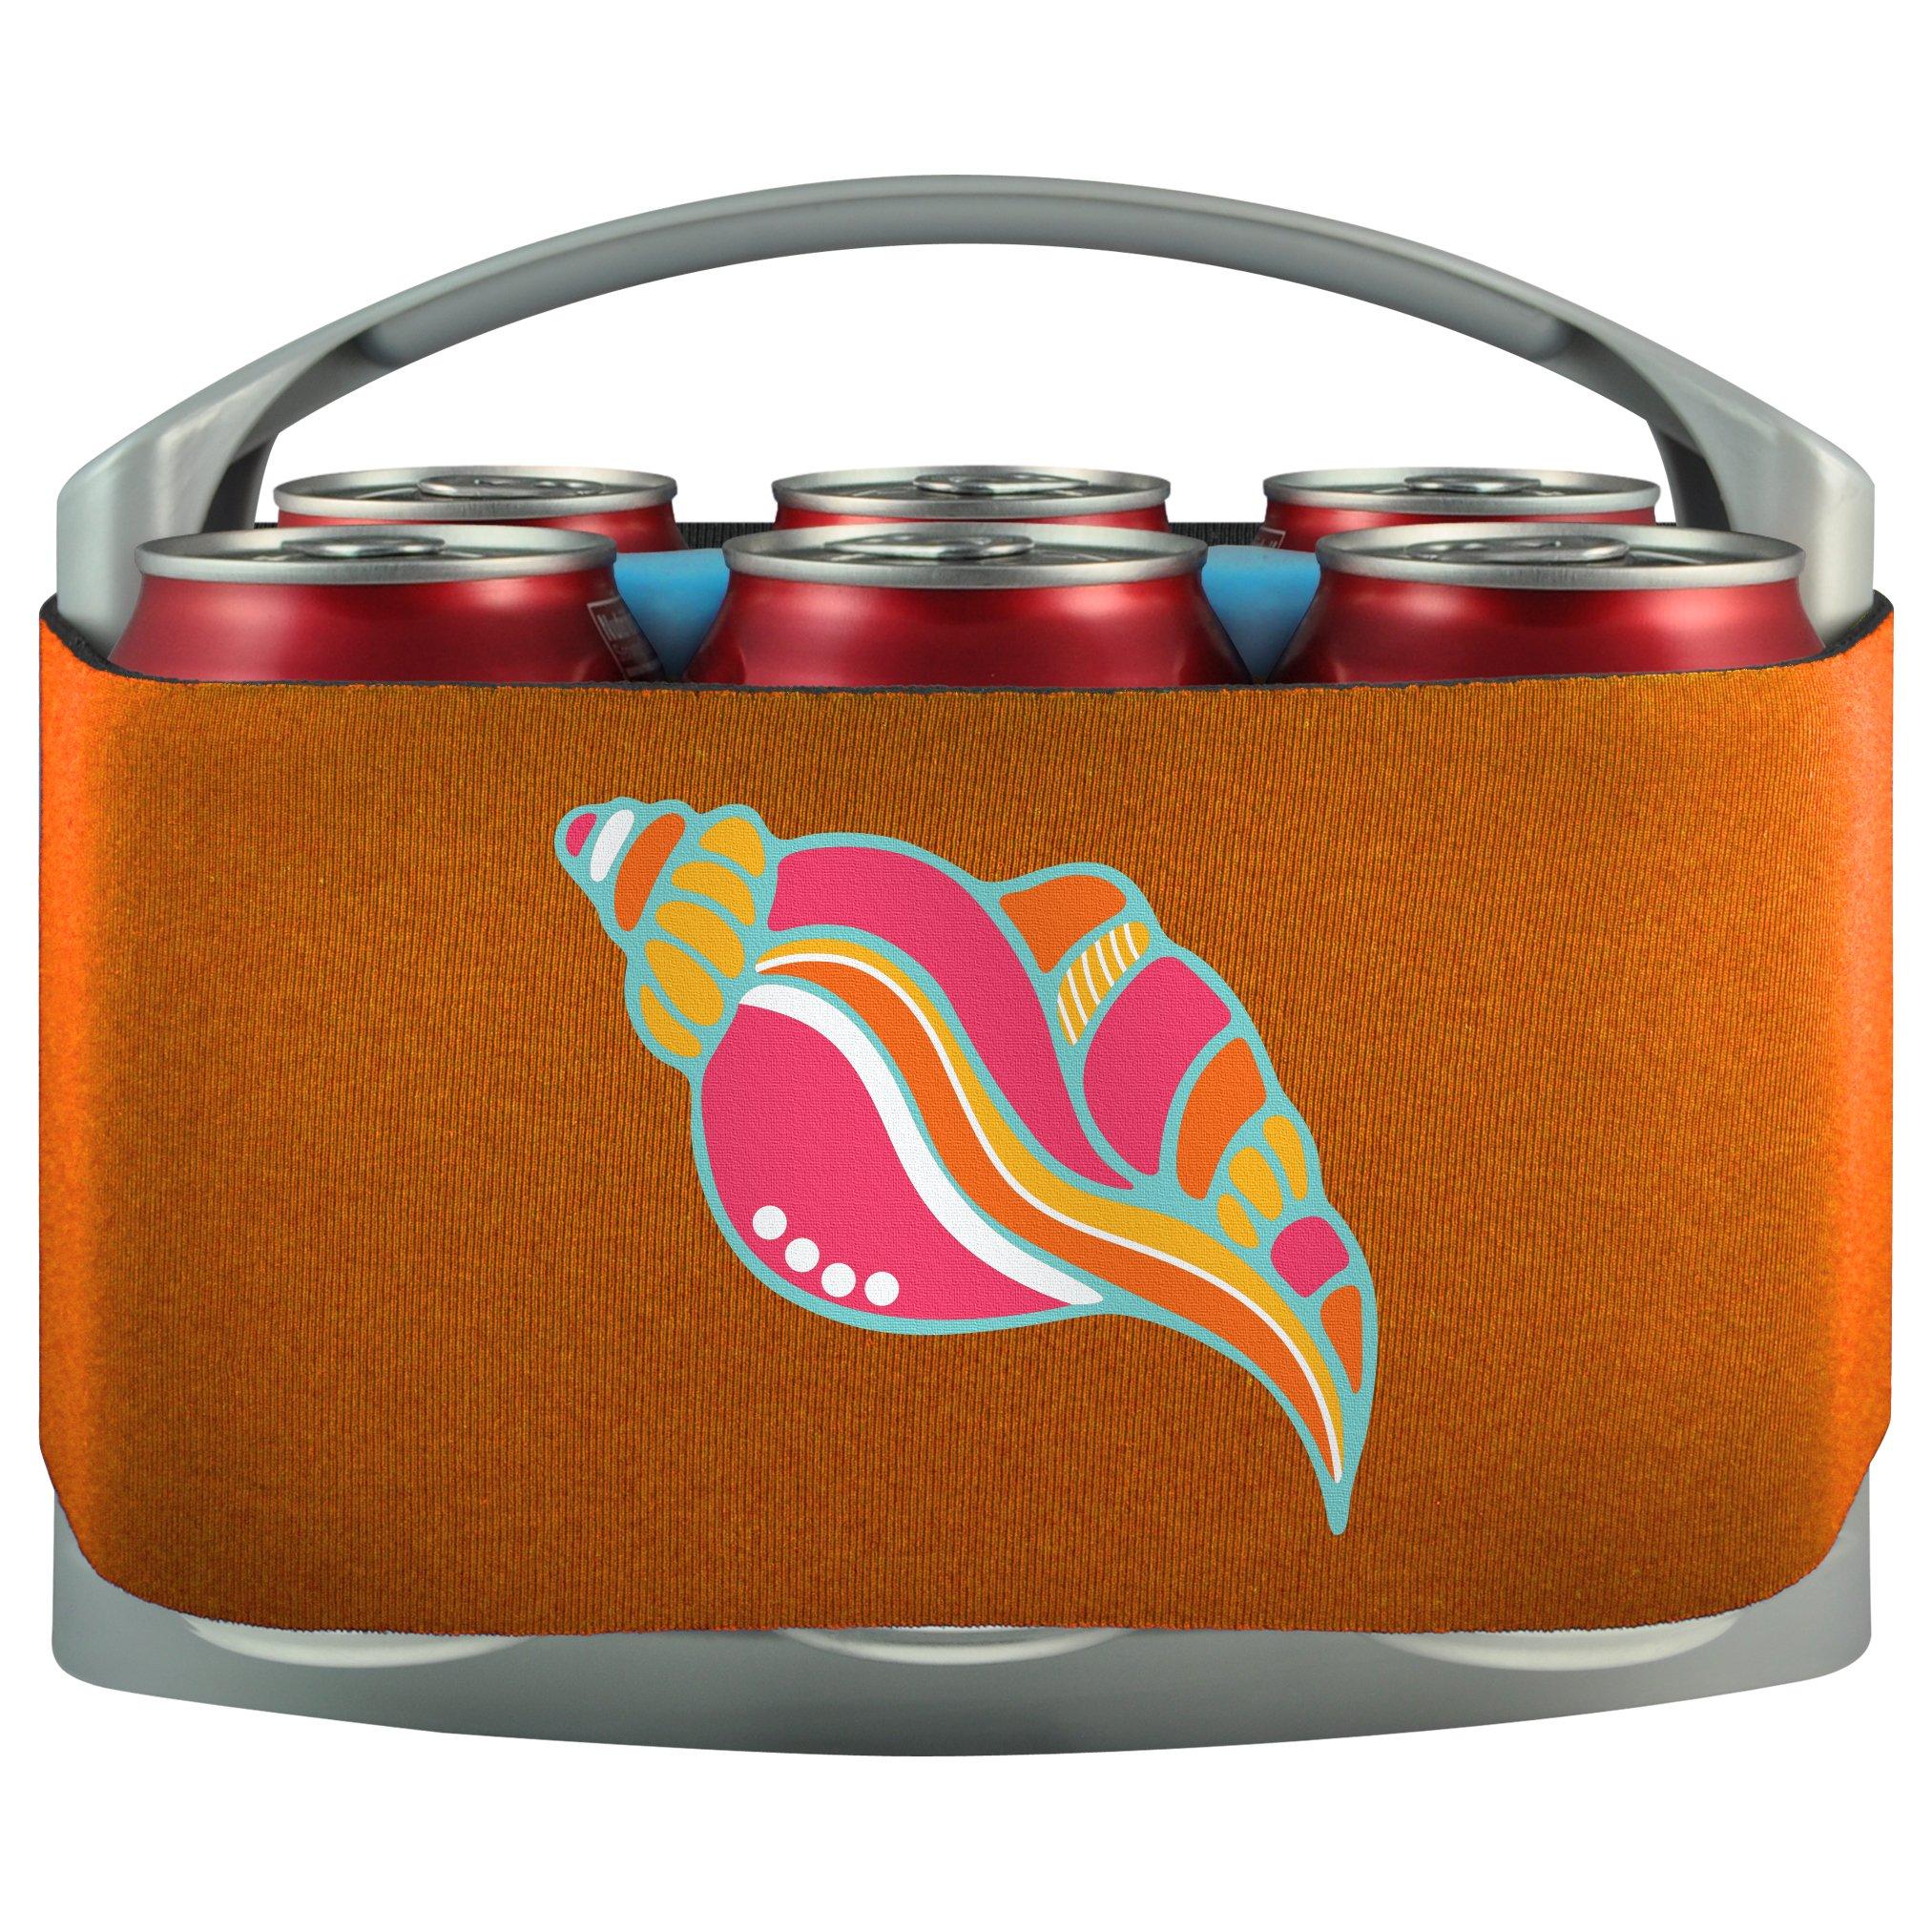 Boelter Brands''Coral'' Cool Six Cooler